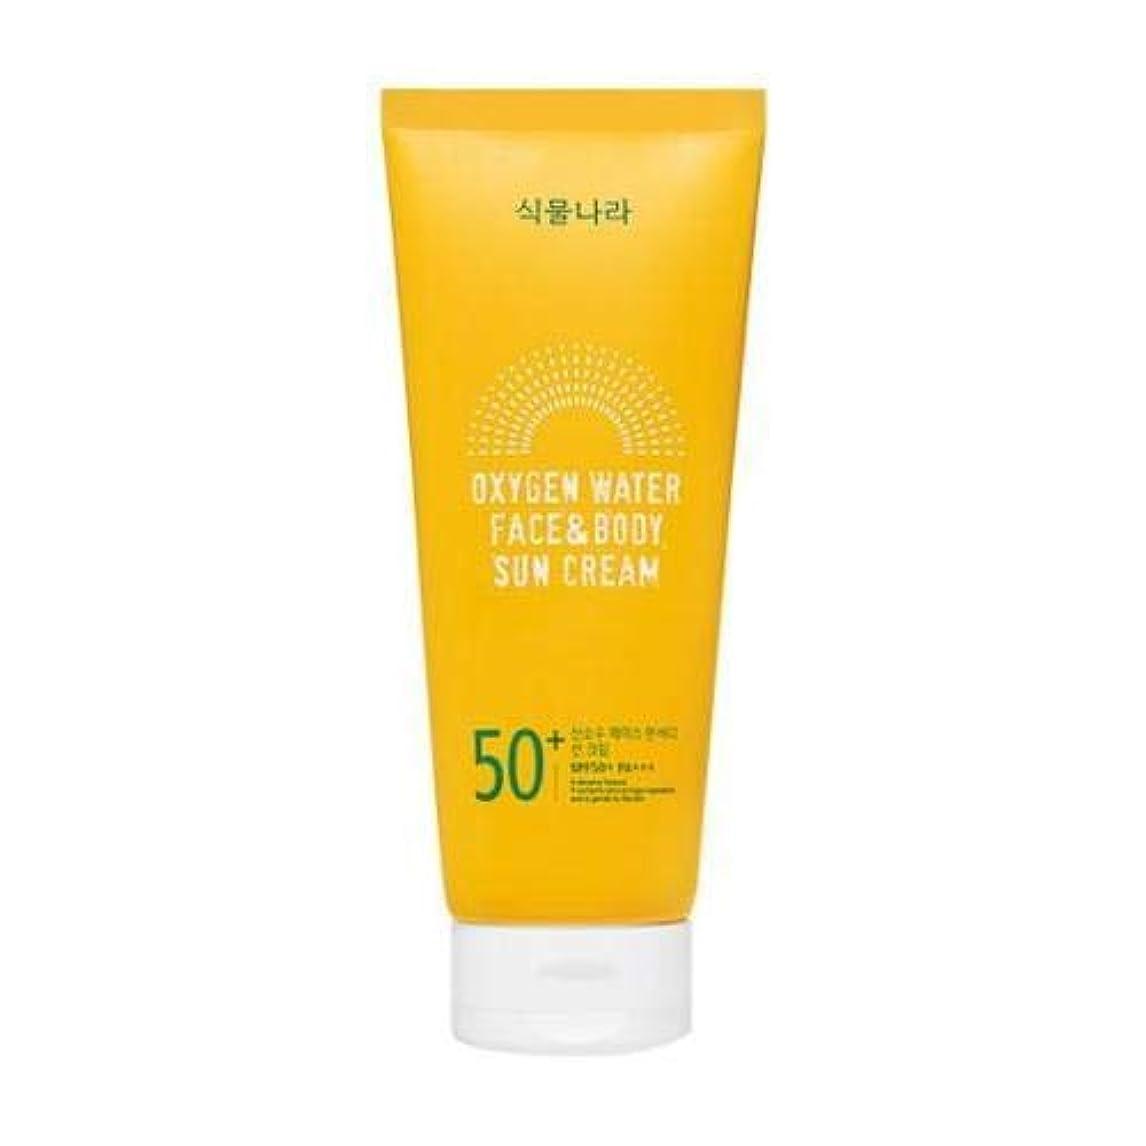 会員ラフレシアアルノルディ大洪水shingmulnara Oxygen Water Face & Body sun cream サンクリーム (200ml) SPF50+ PA+++